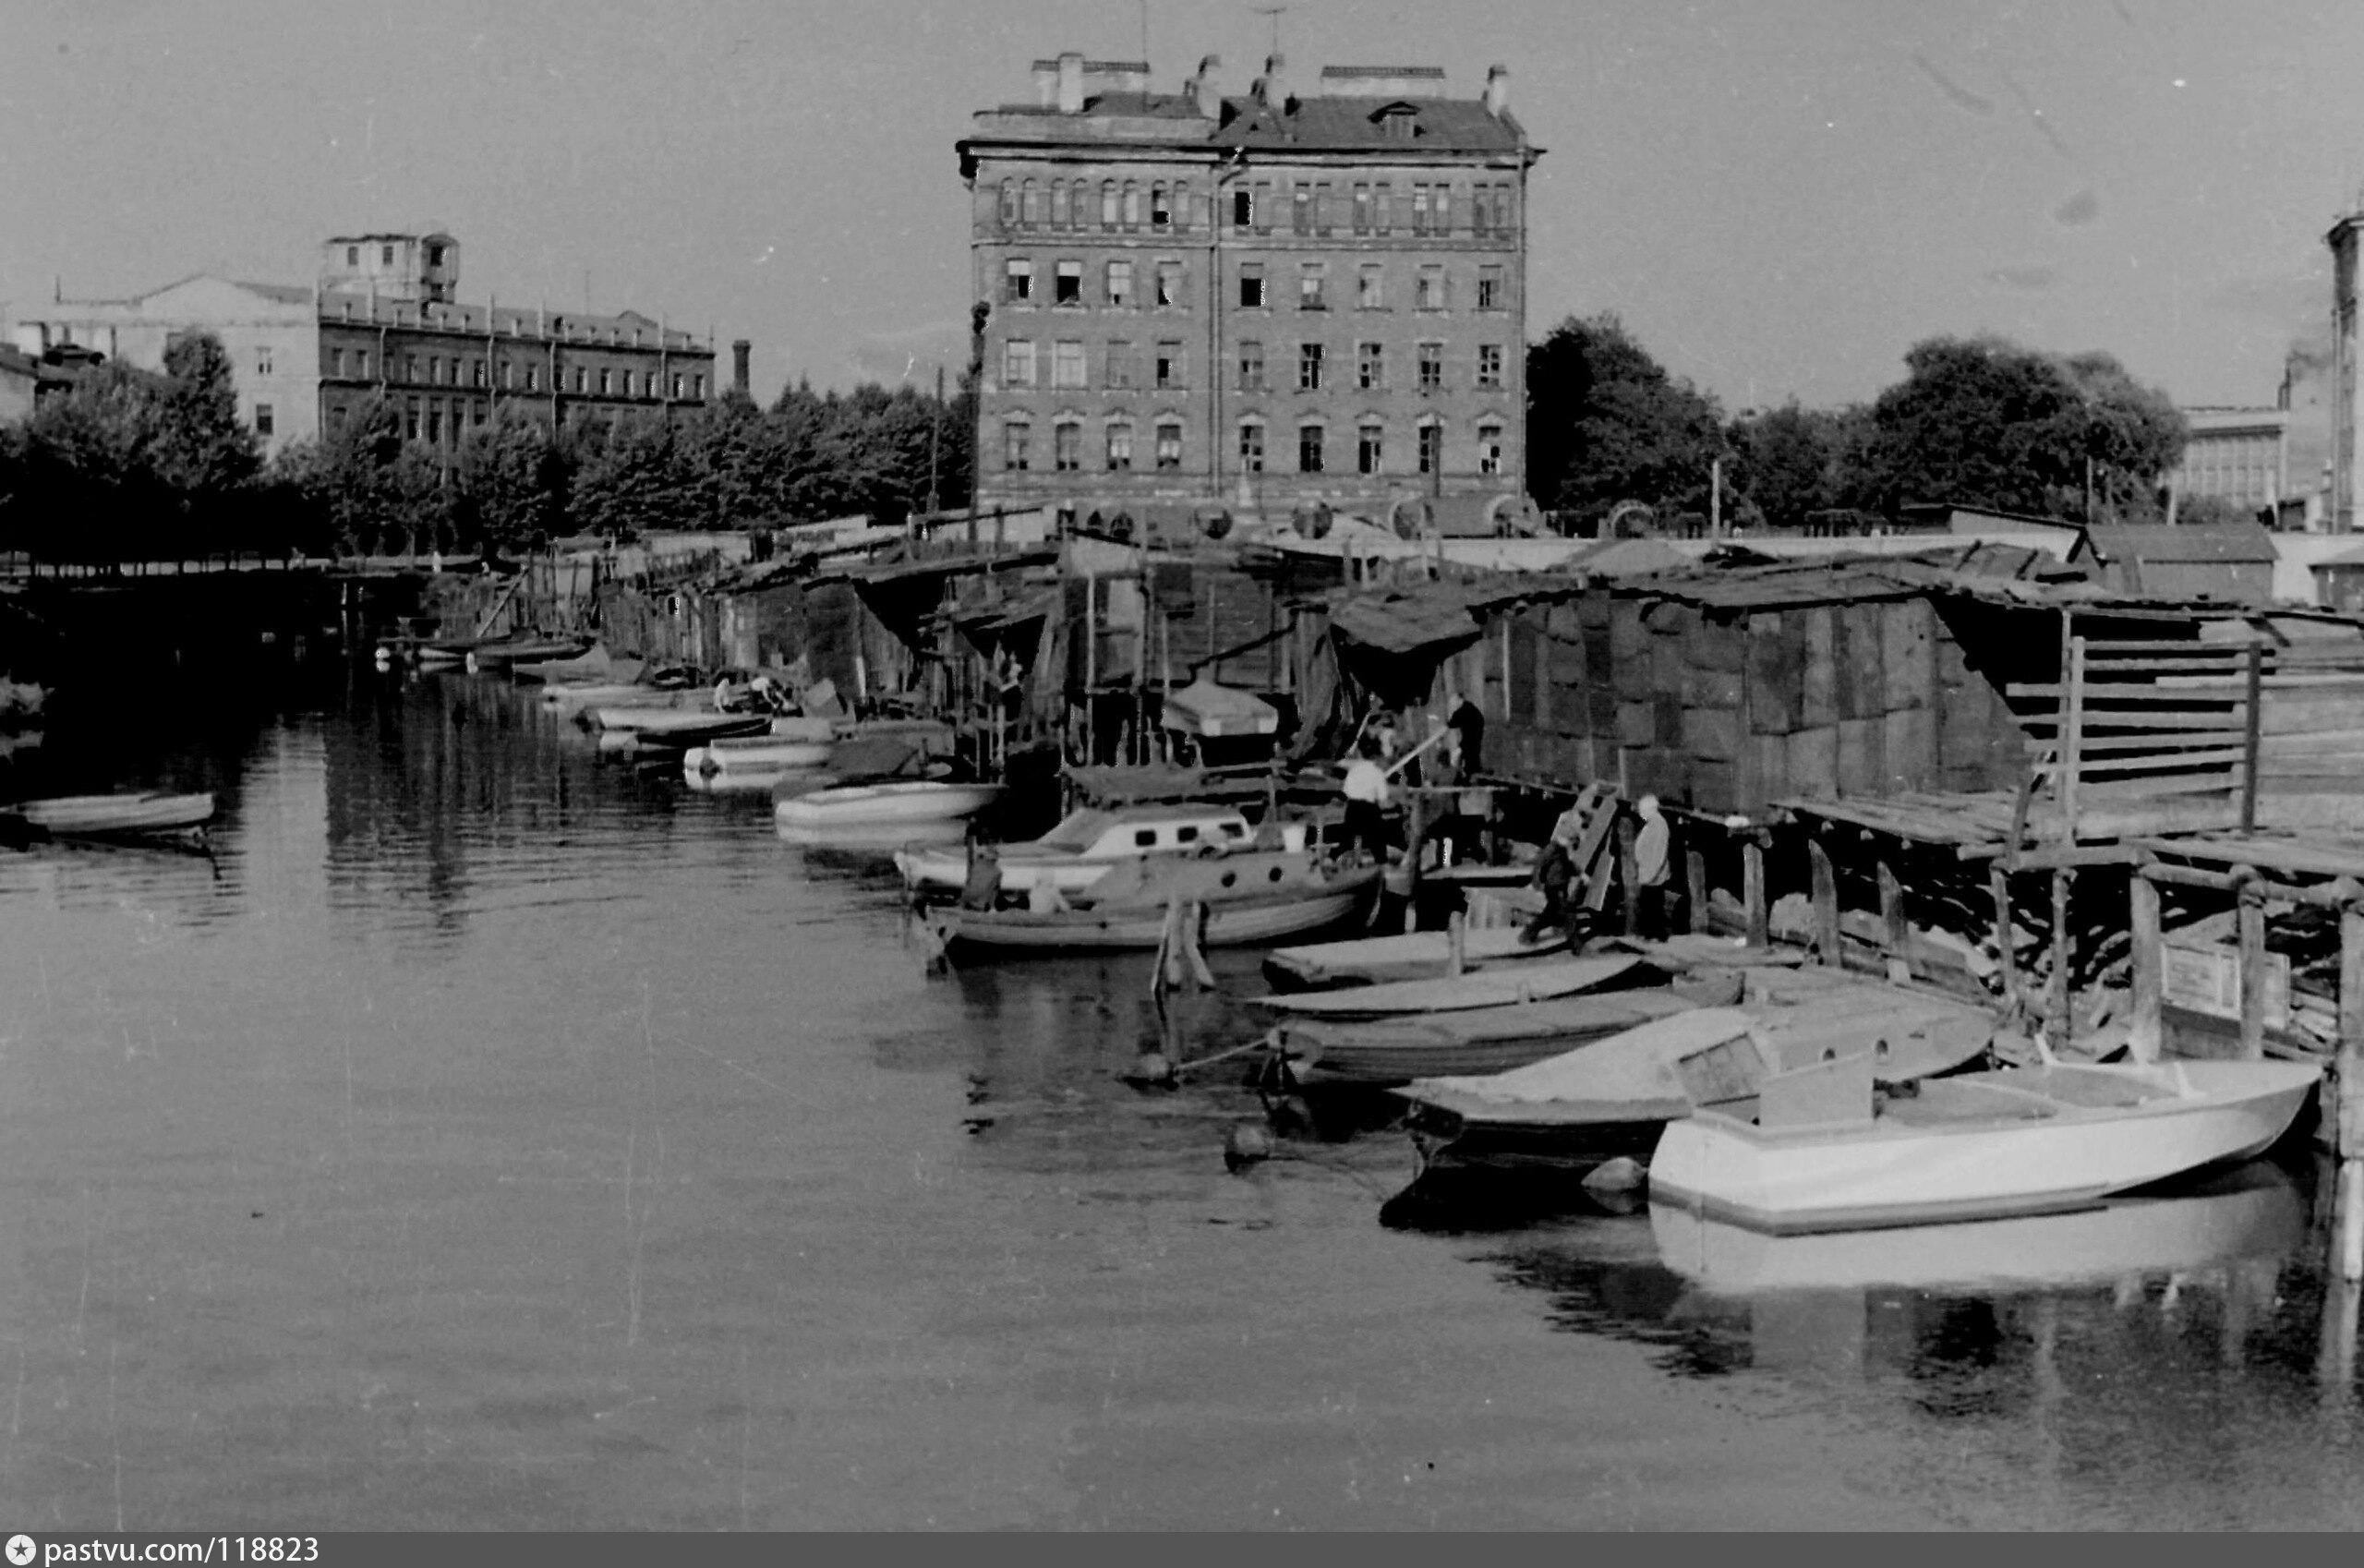 Вид на реку Смоленку с моста на фотографии 1965 года. Целая флотилия лодок и катеров вдоль берега, застроенного жуткими сарайчиками.